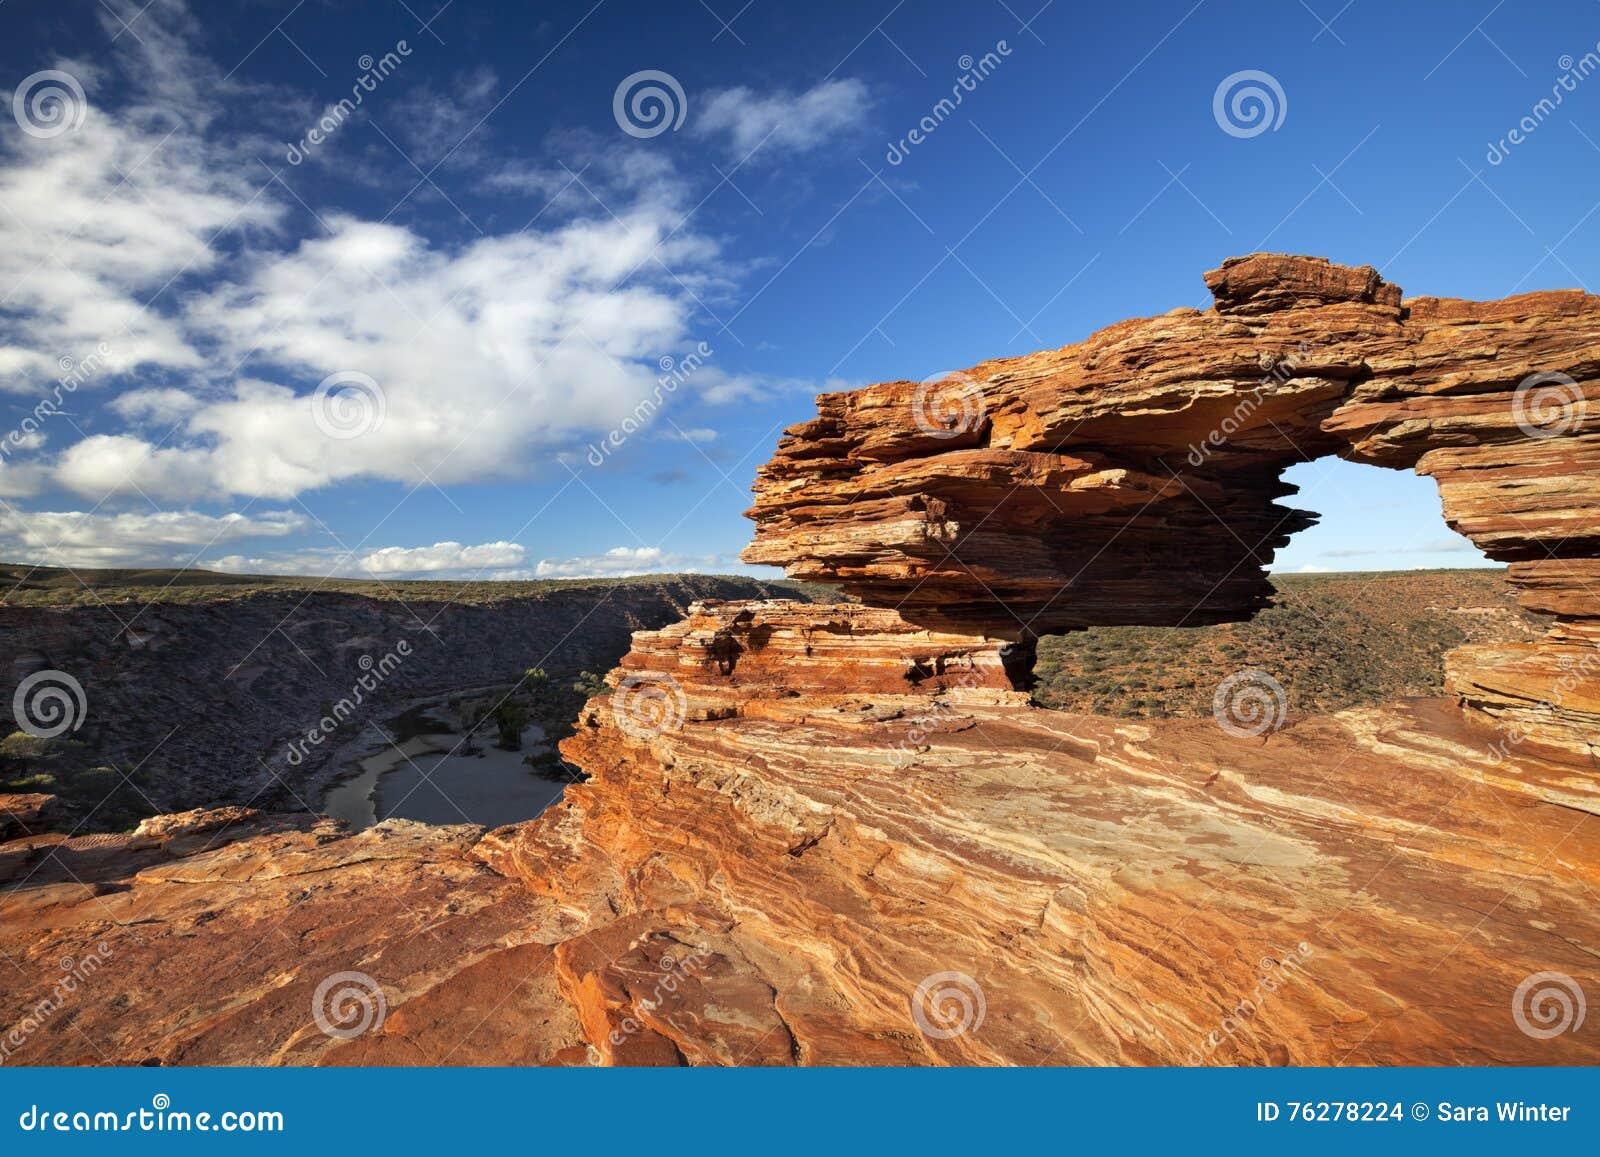 Arco natural de la roca de la ventana de la naturaleza en Kalbarri NP, Australia